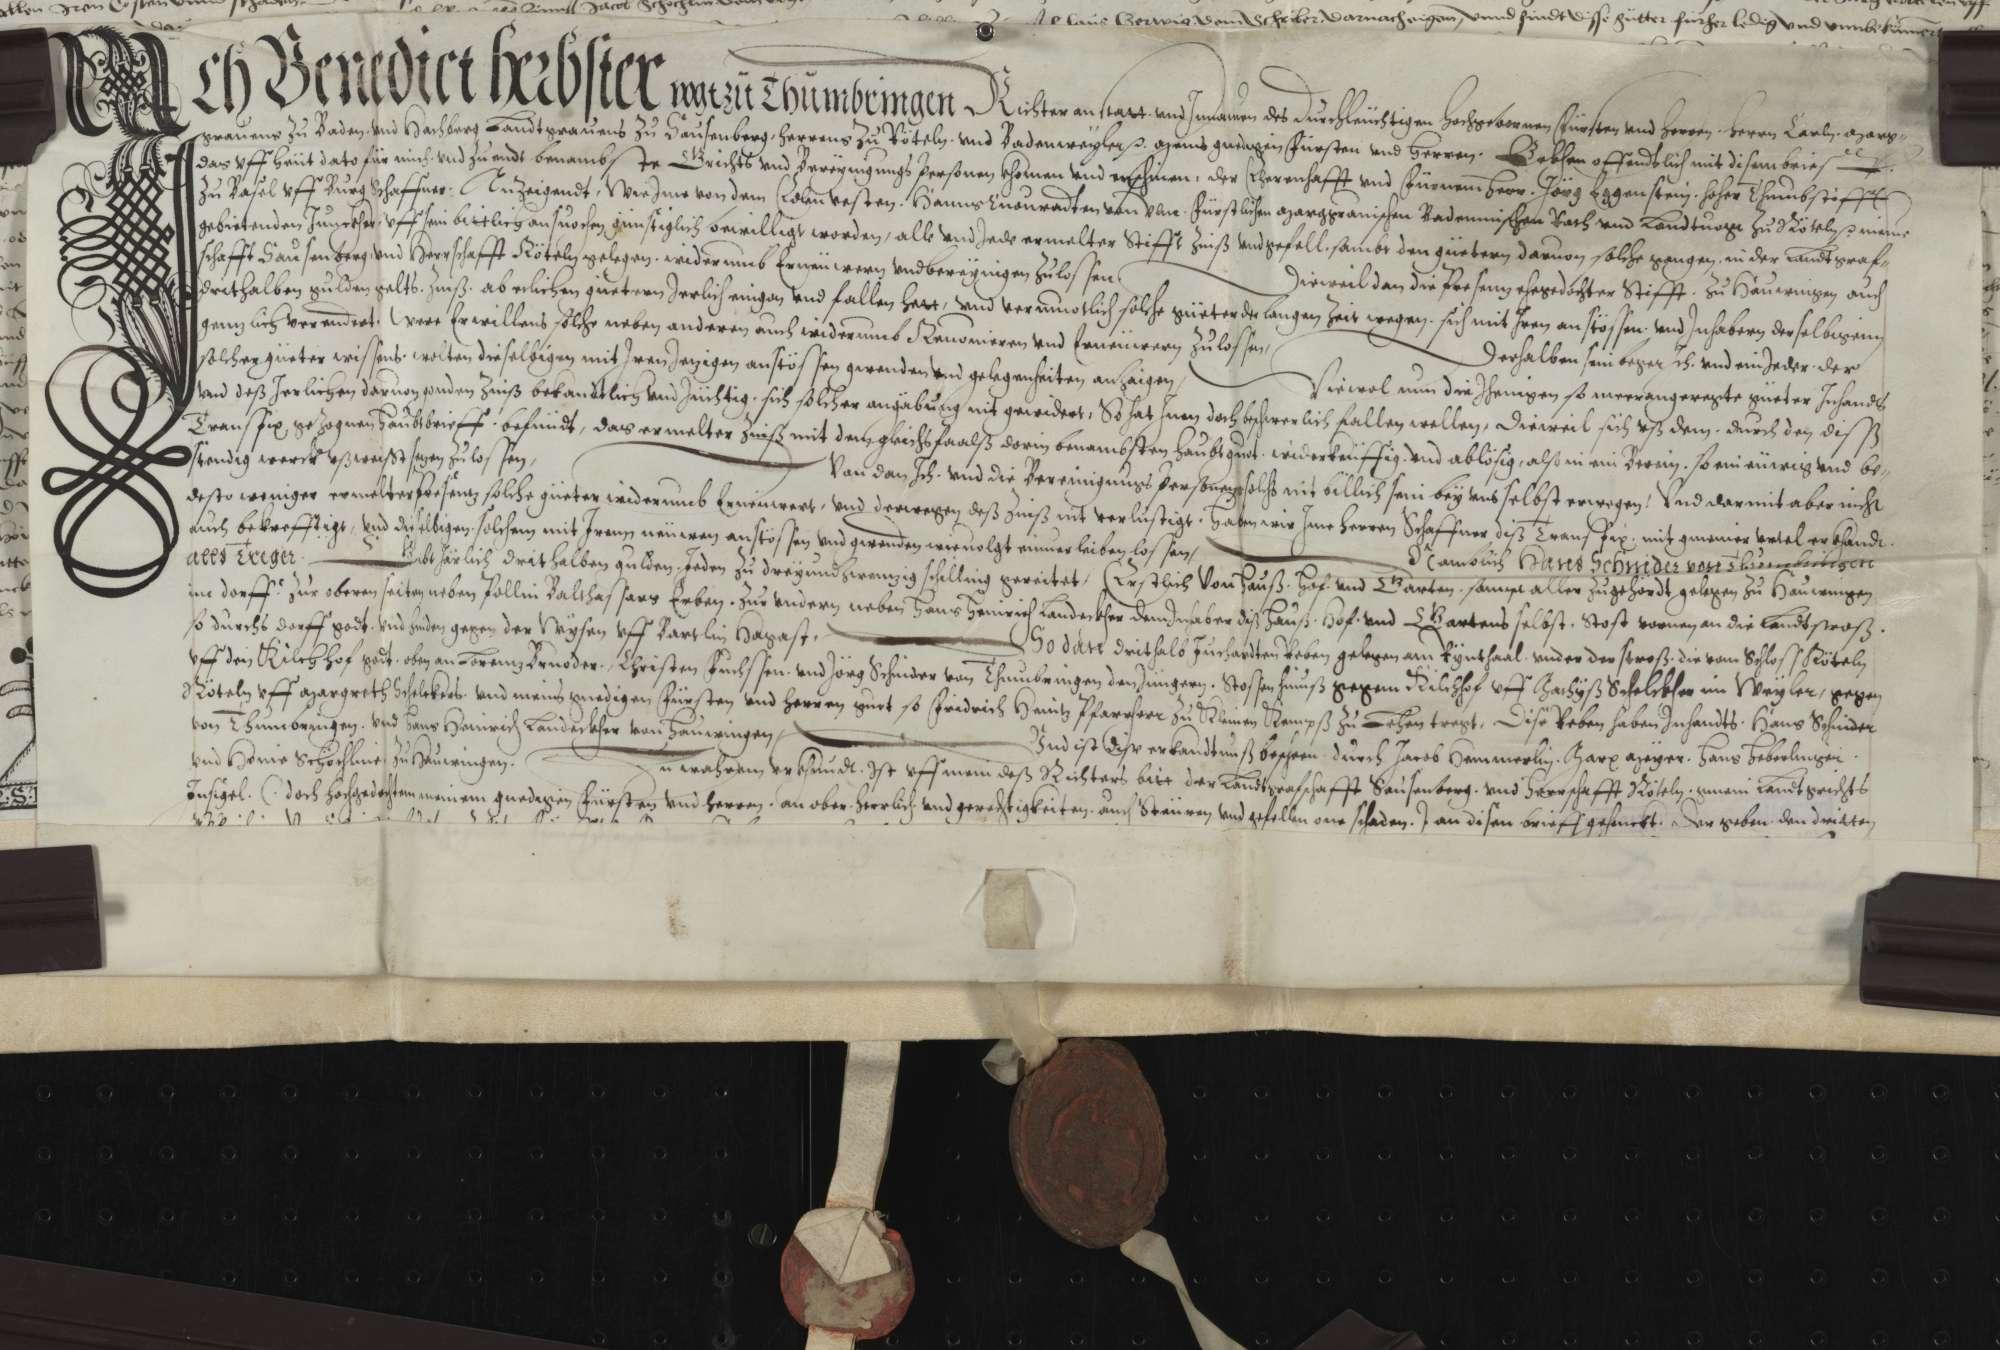 Berain über Güter des Clewi Bruder zu Hauingen., Bild 1